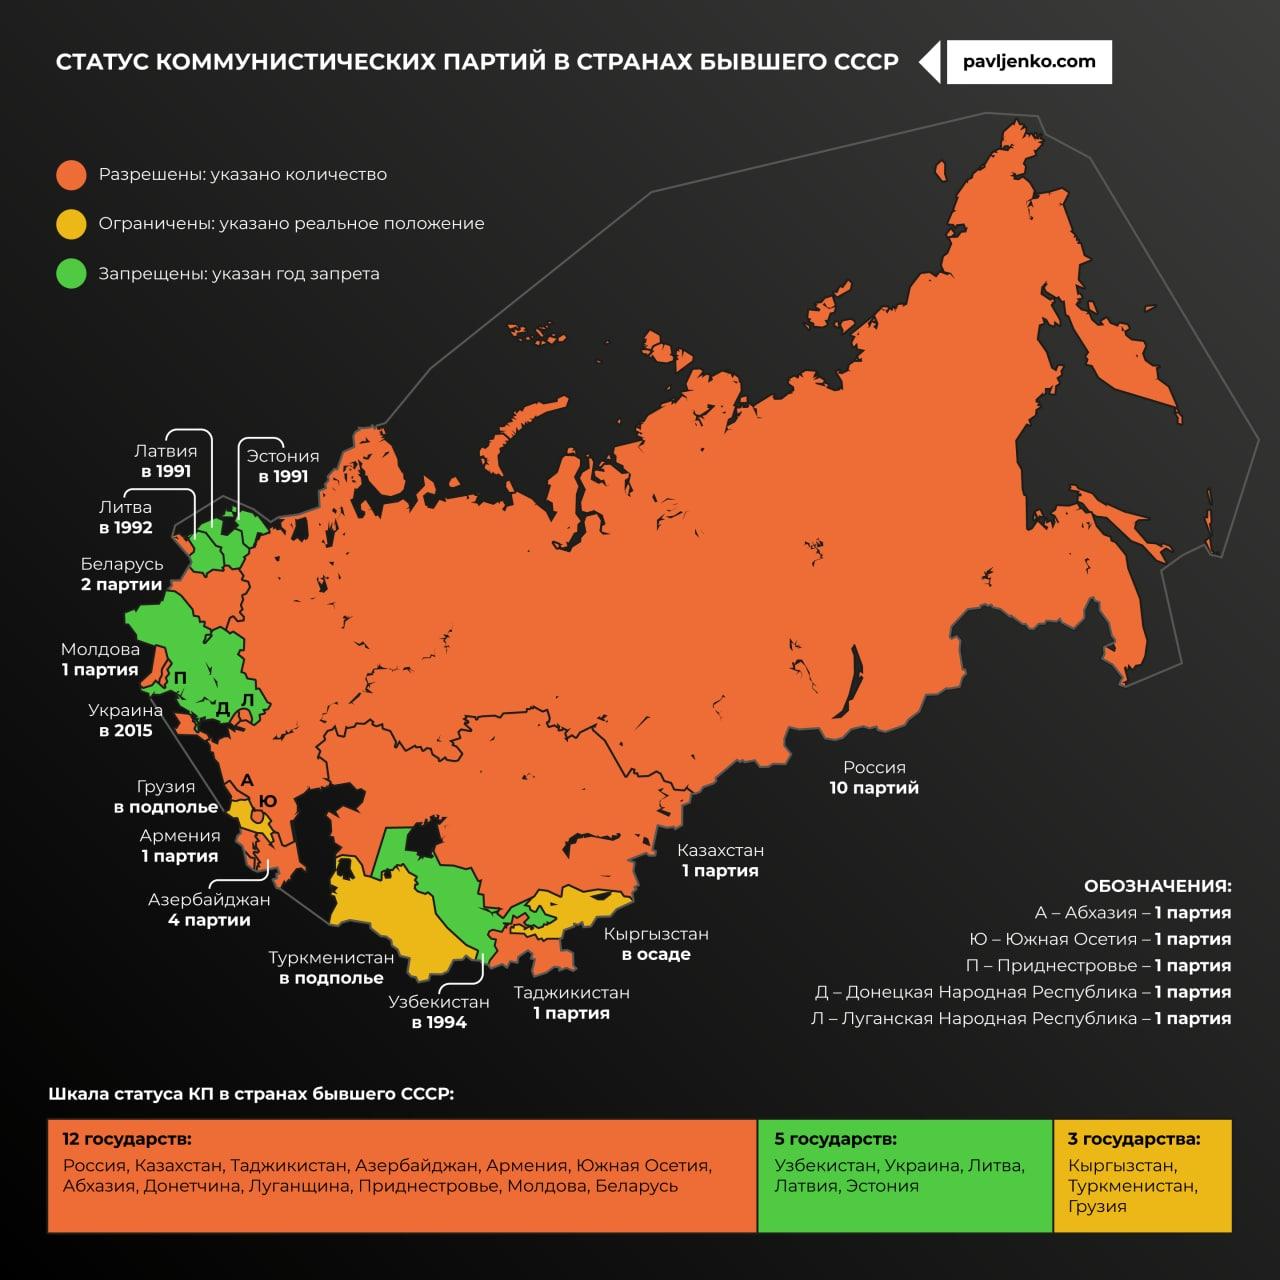 В каких странах бывшего СССР запрещен коммунизм